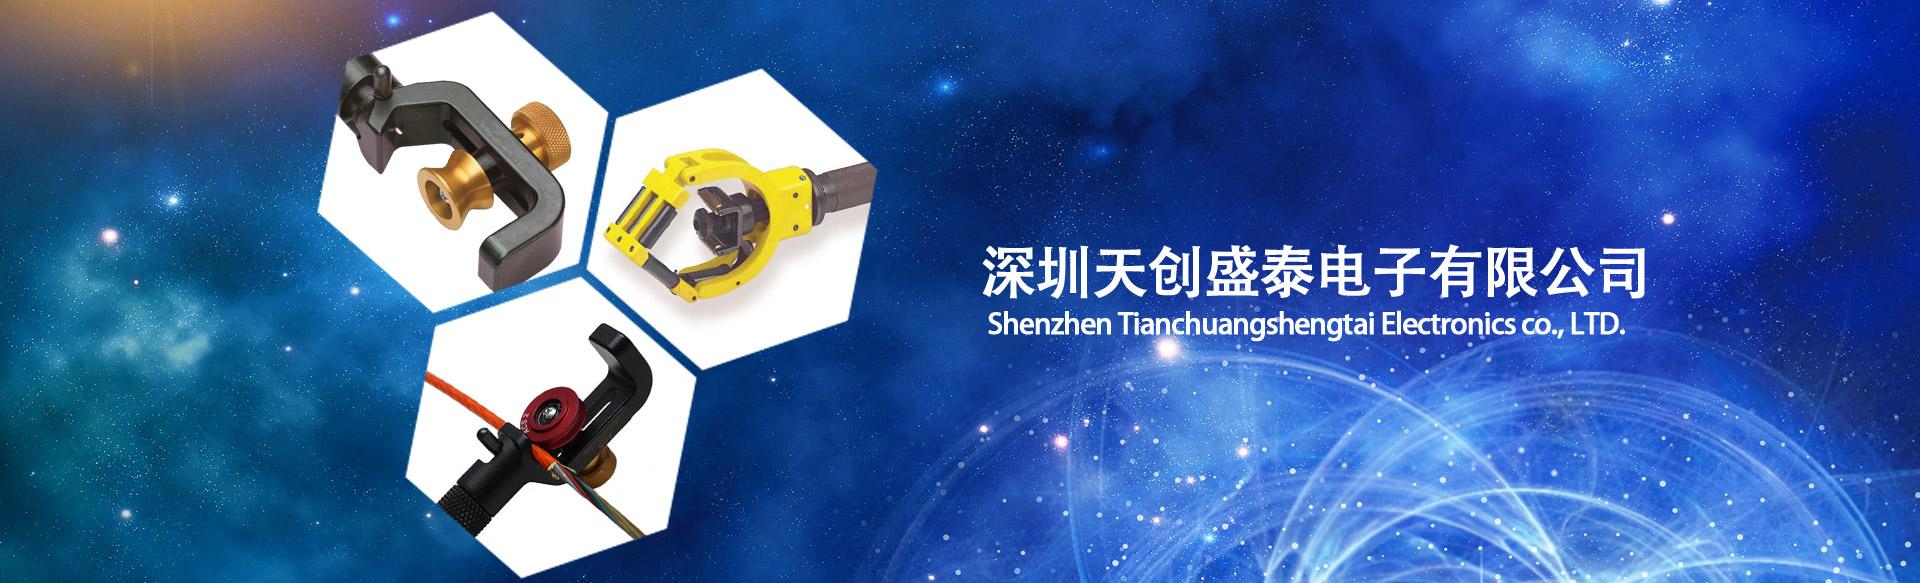 光纤光缆工具领导品牌